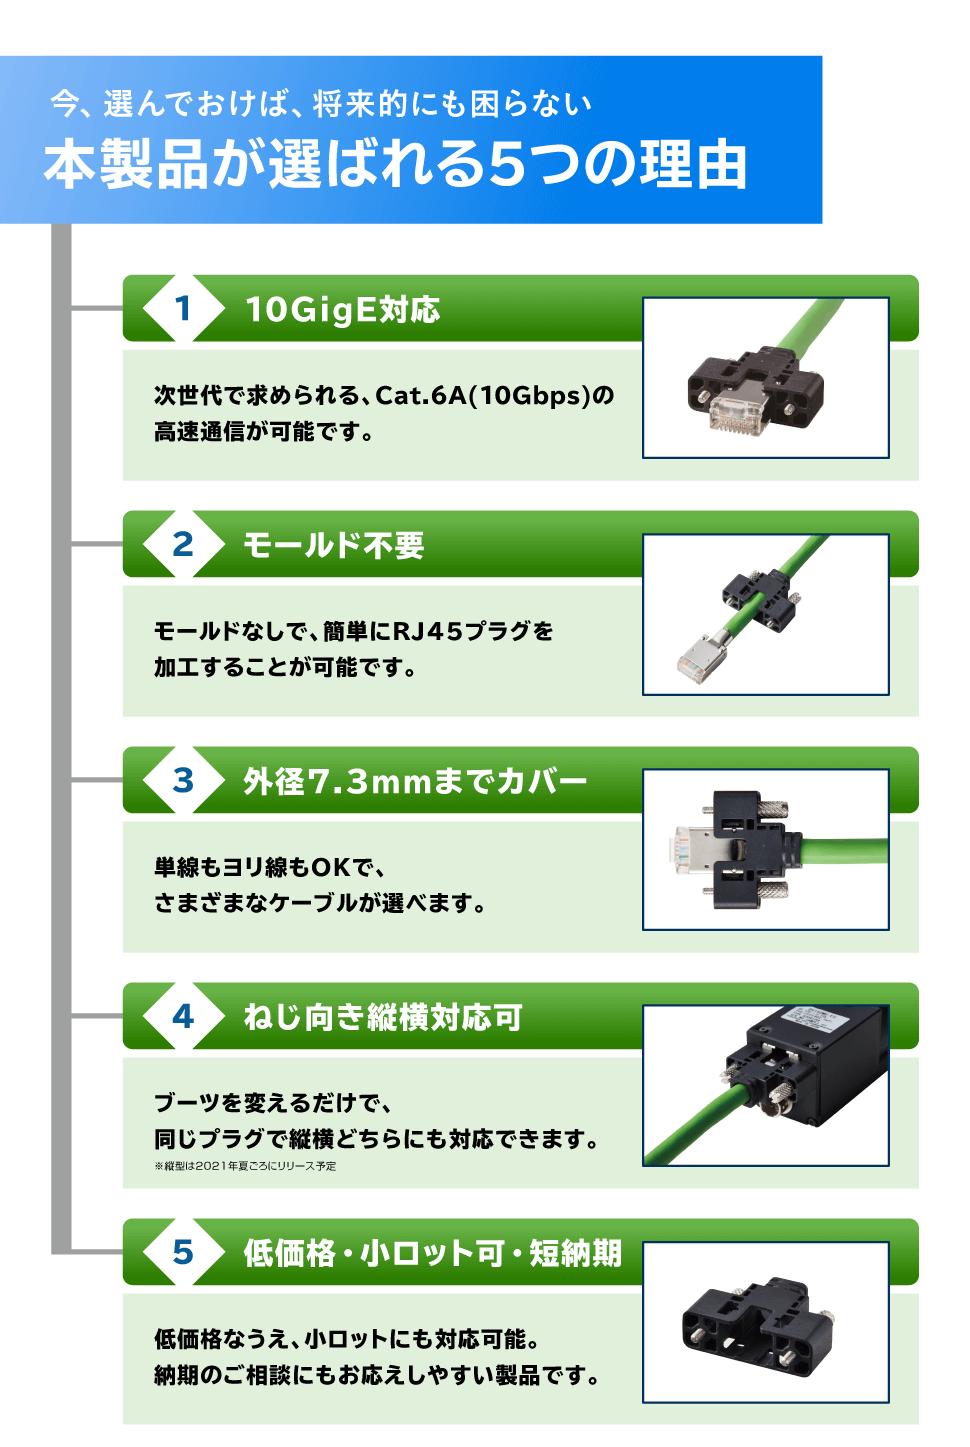 今、選んでおけば、将来的にも困らない 本製品が選ばれる5つの理由 1.10GigE対応 2.モールド不要 3.外径7.3mmまでカバー 4.ねじ向き縦横対応可 5.低価格・小ロット可・短納期